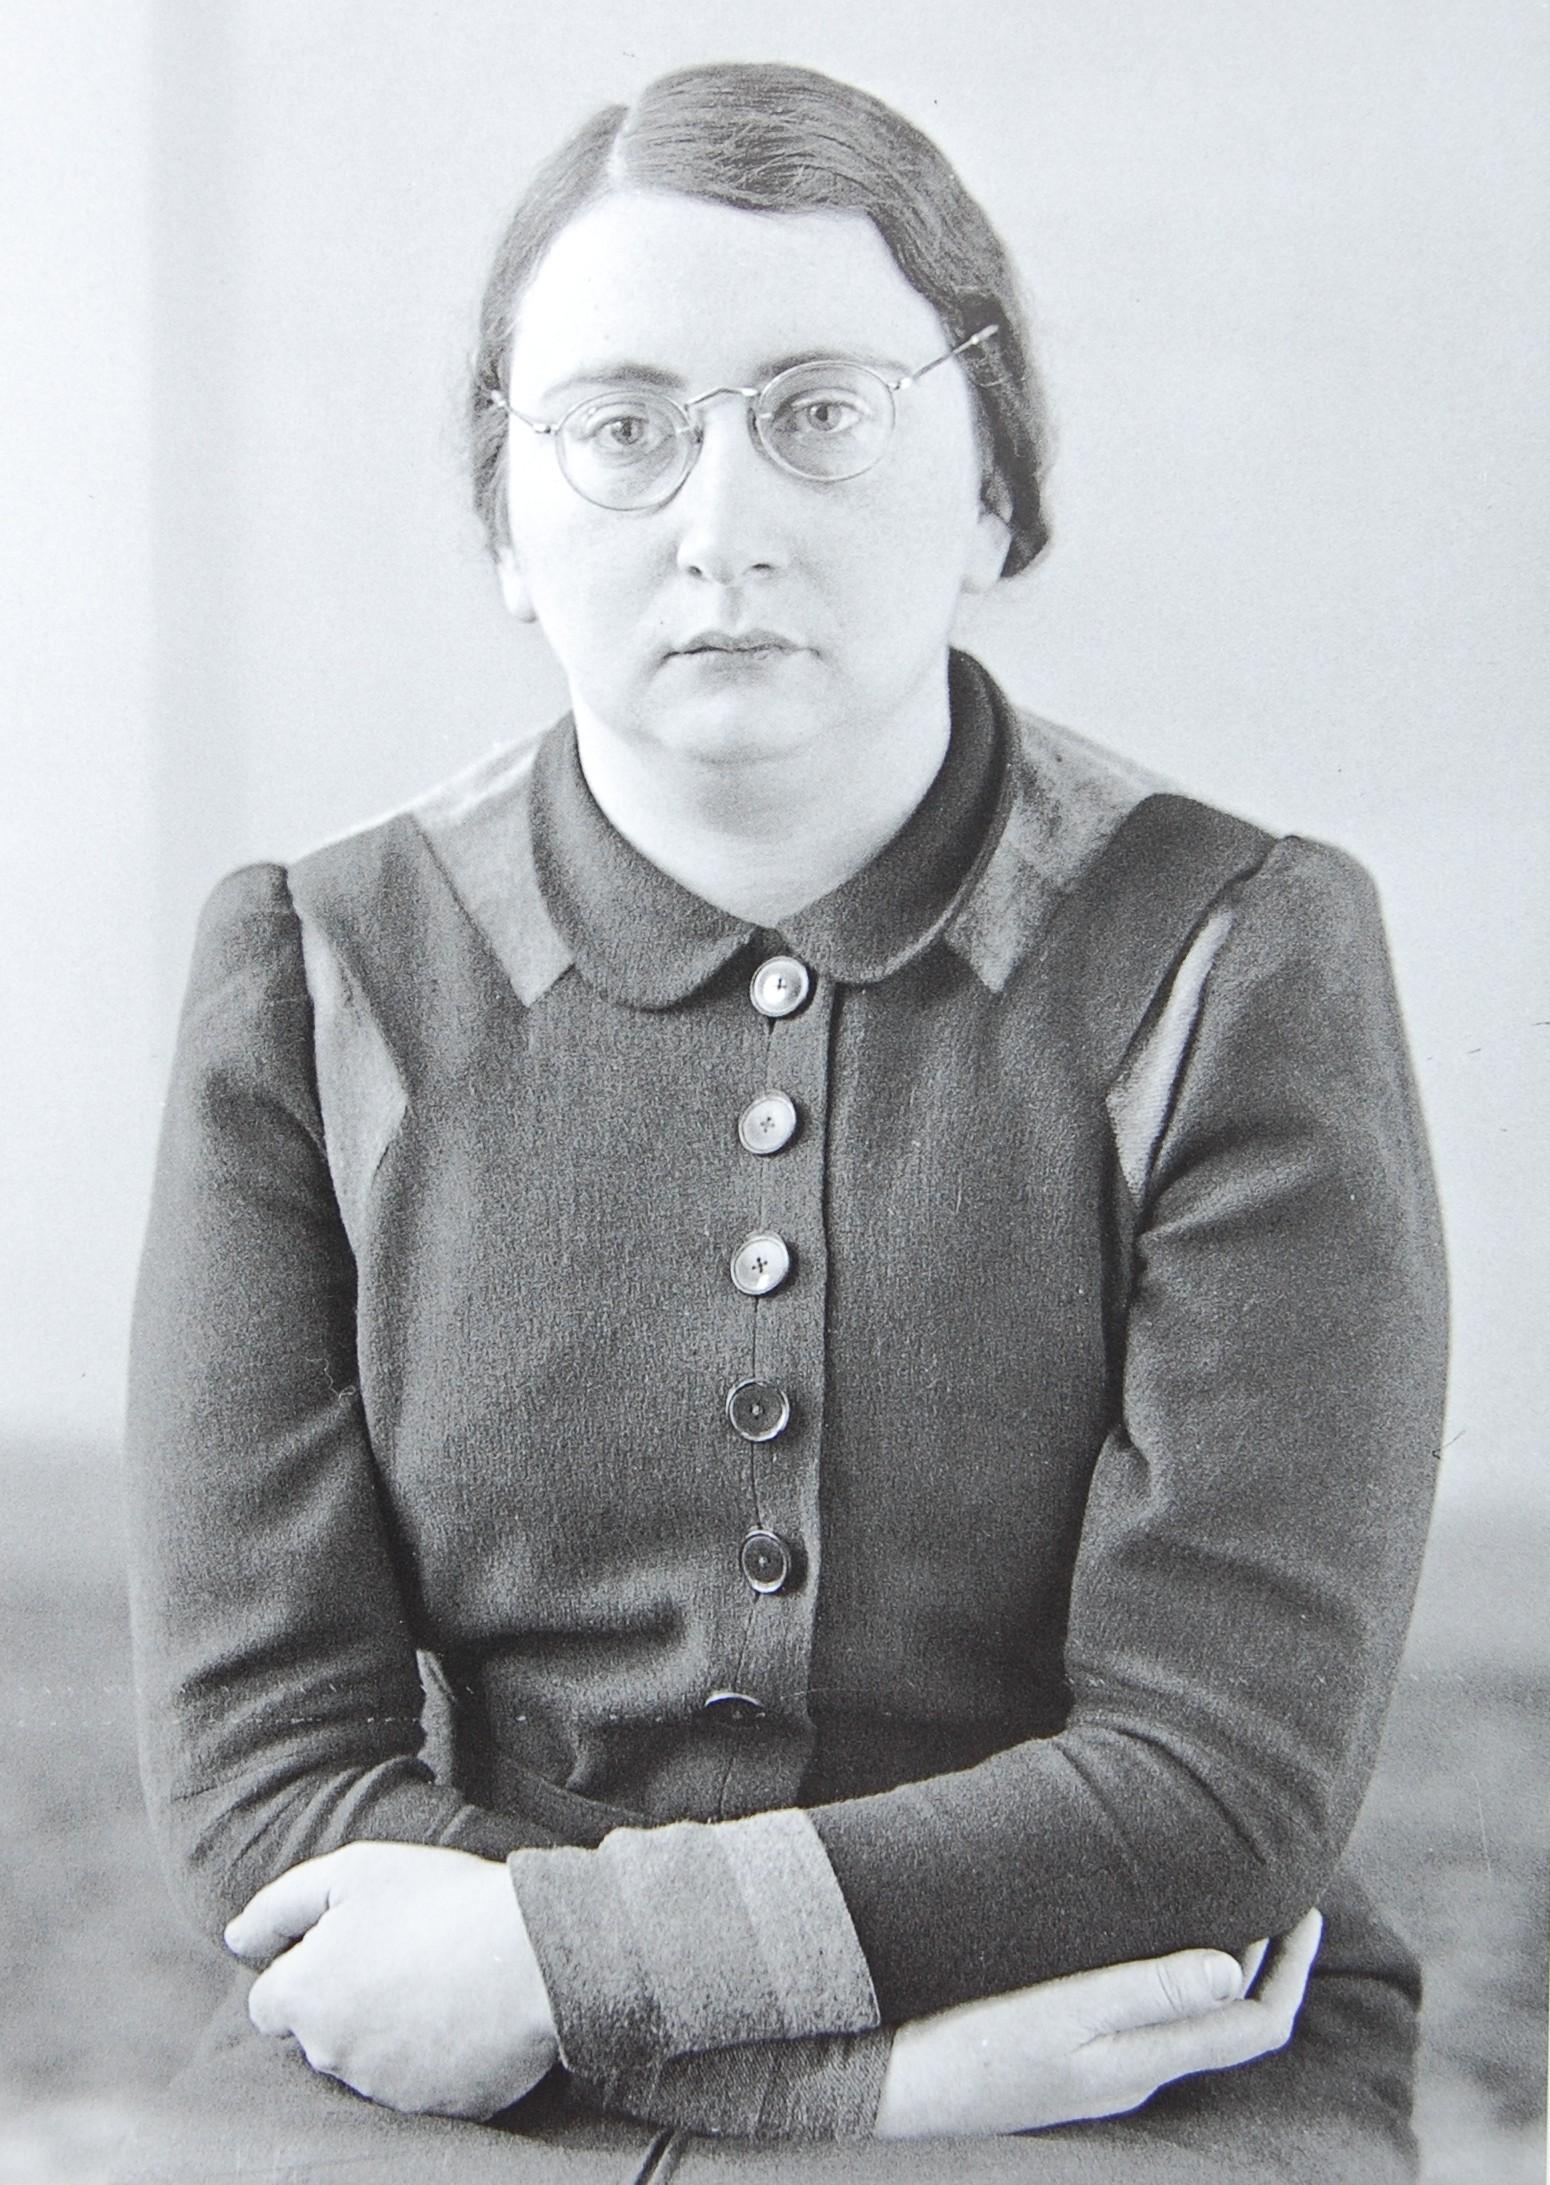 Hildegard Grünberg, geb. Engel, Mitte der 1930er Jahre